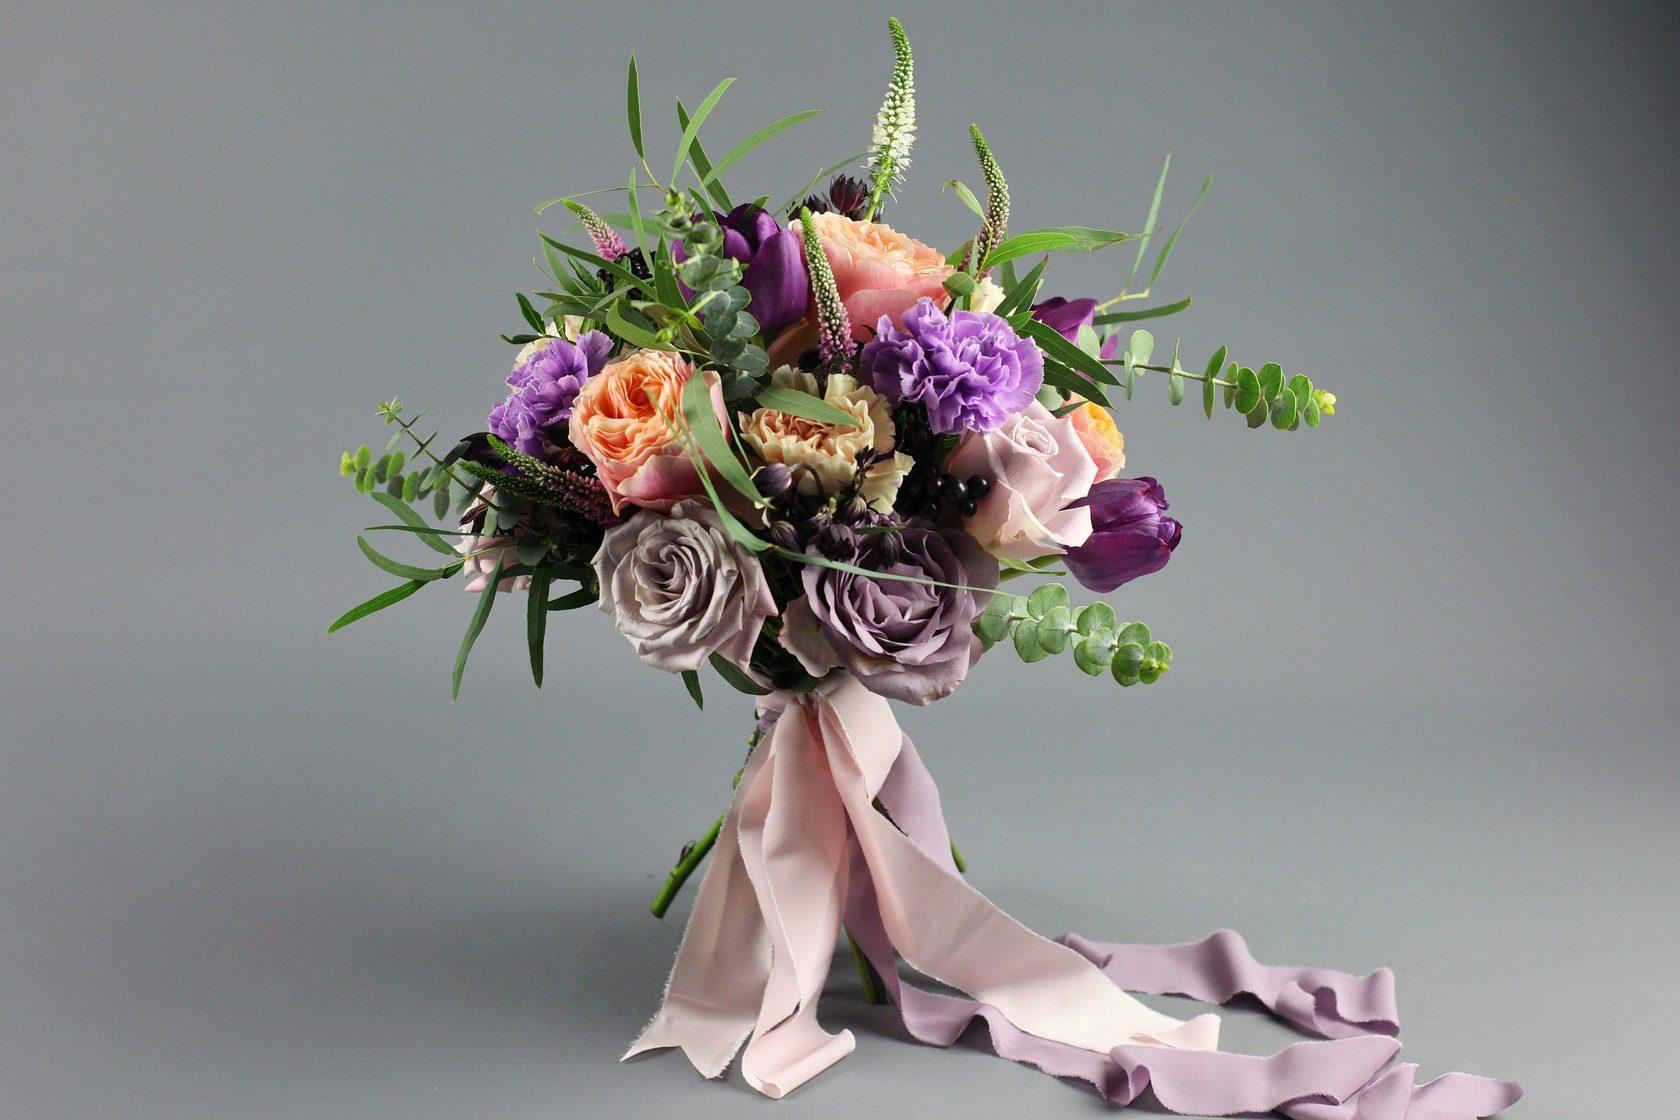 Цветы вуали, профессиональные букеты флористика фото